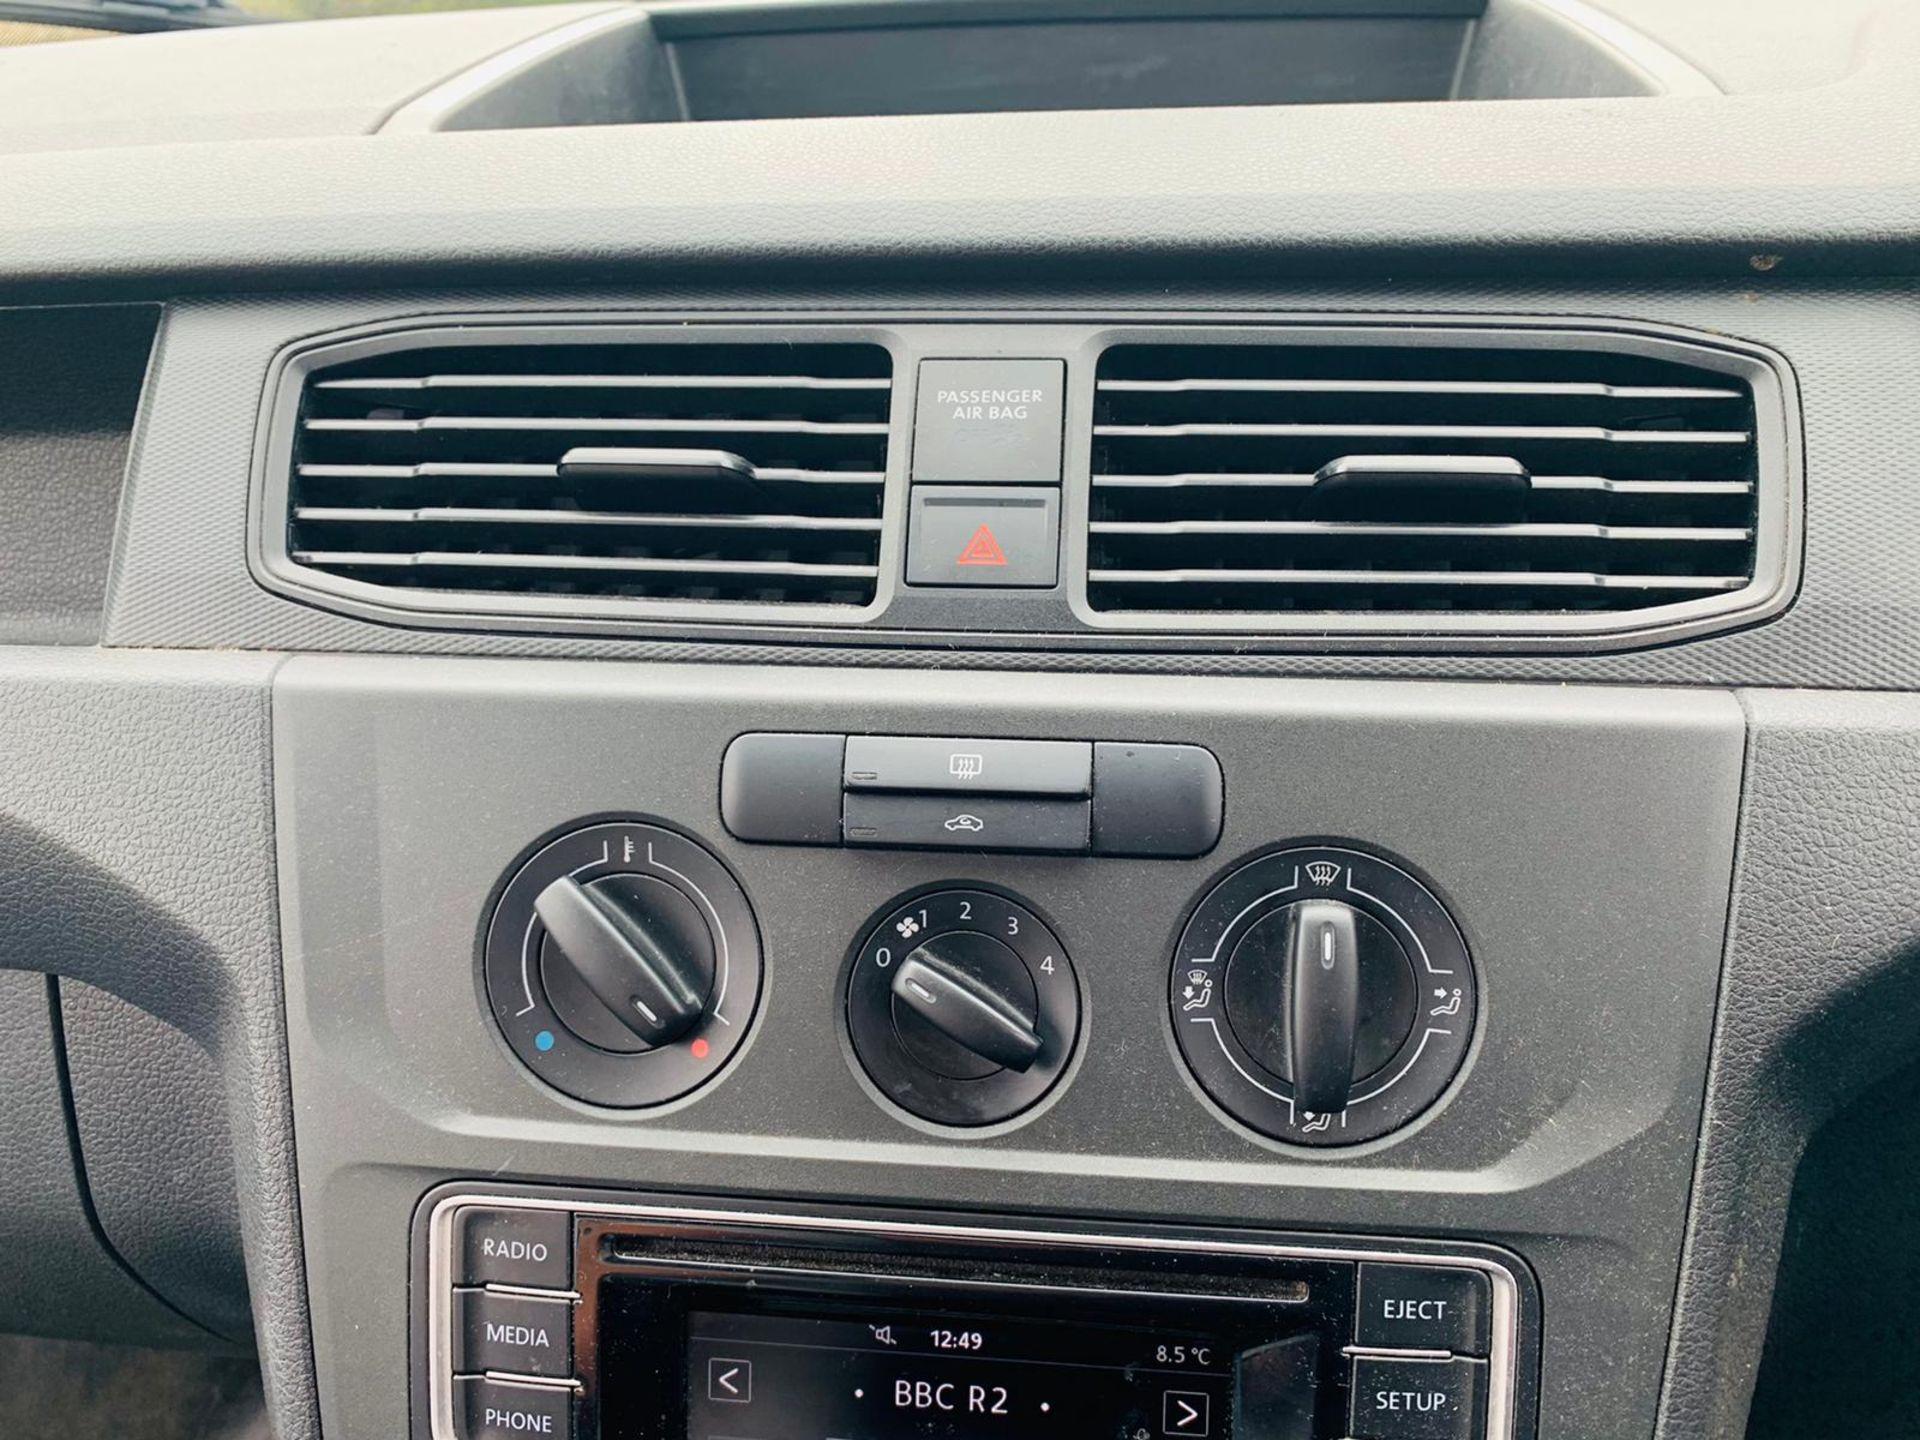 (RESERVE MET)Volkswagen (VW) Caddy 2.0 TDI C20 Startline - 2017 17 Reg - Euro 6 - ULEZ Compliant - - Image 16 of 20